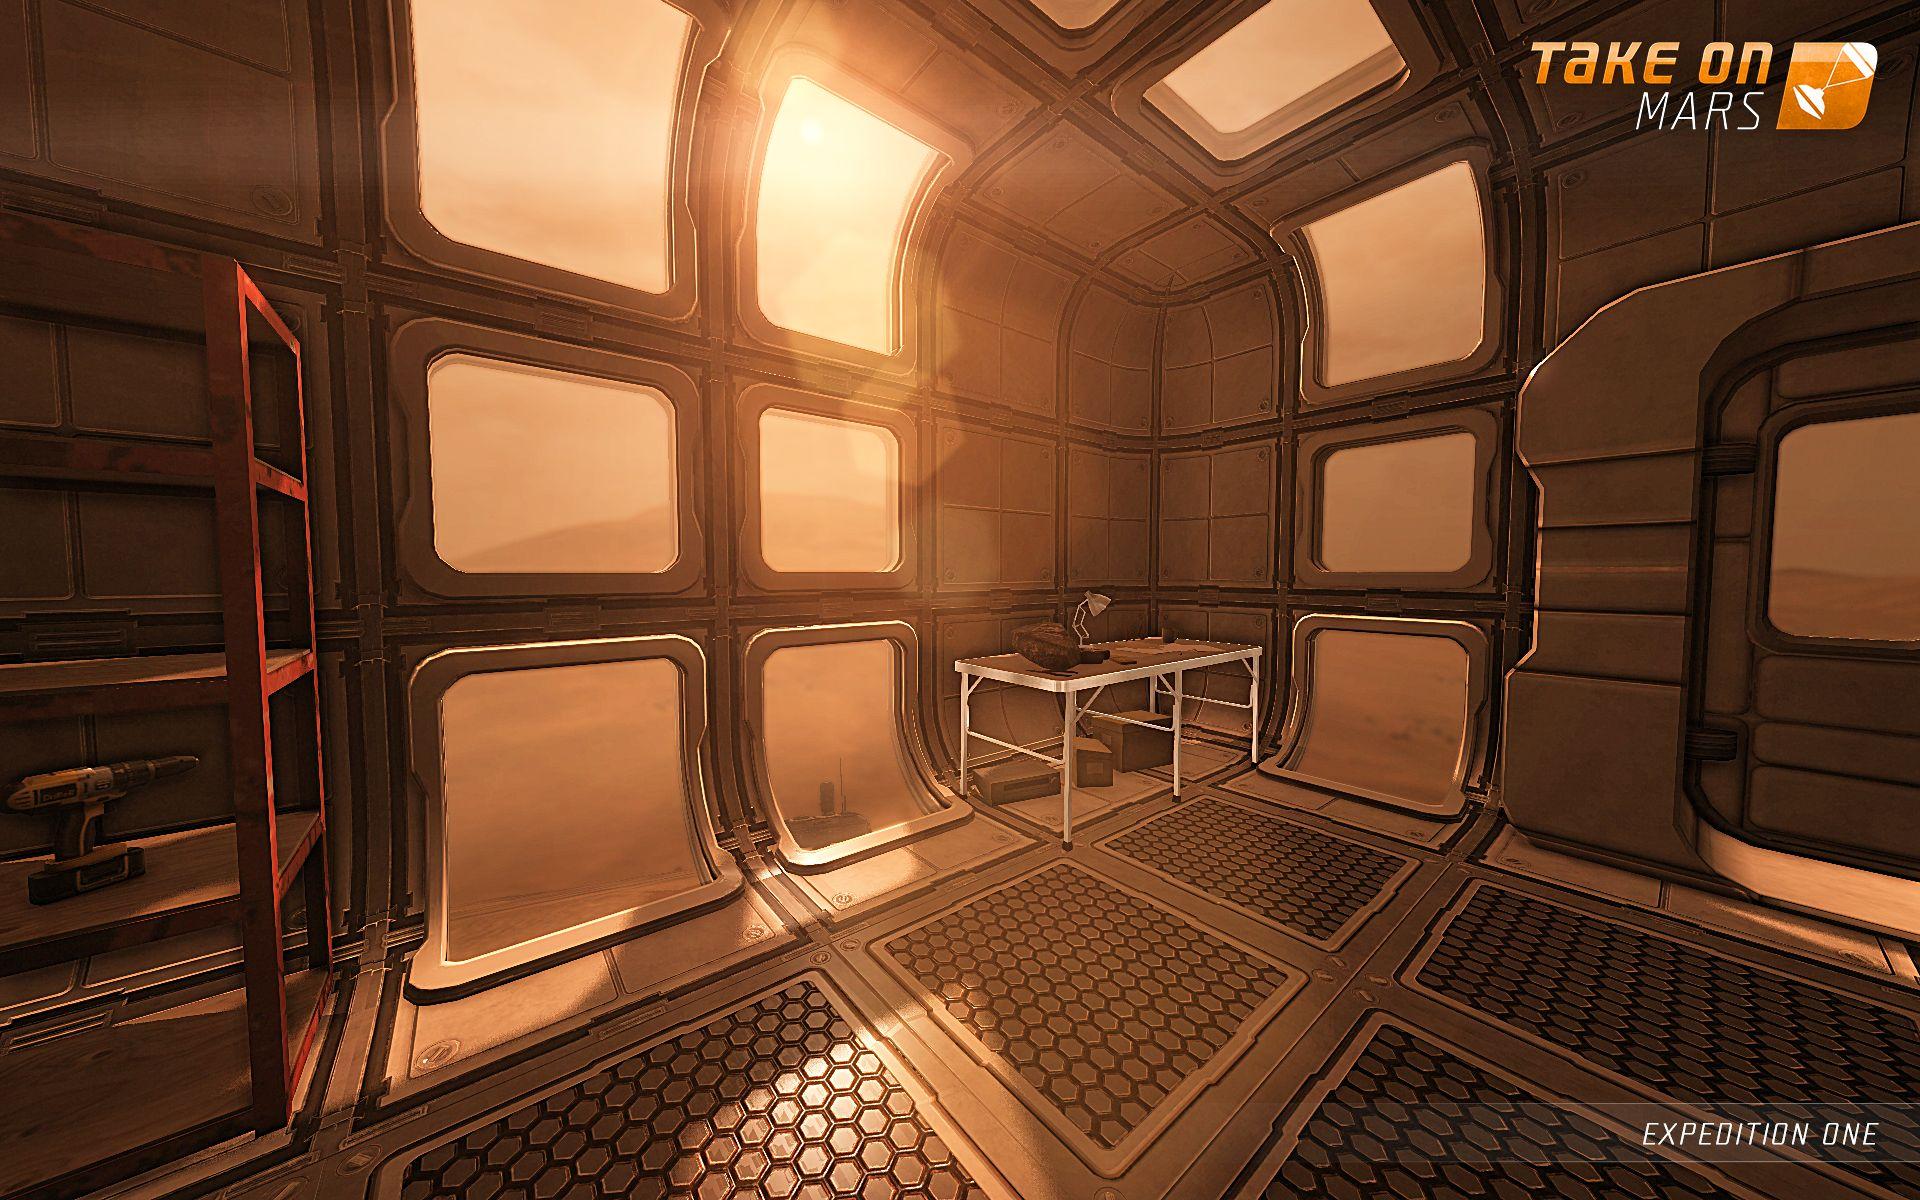 S updatem Take On Mars dorazí na Mars lidská posádka 94134